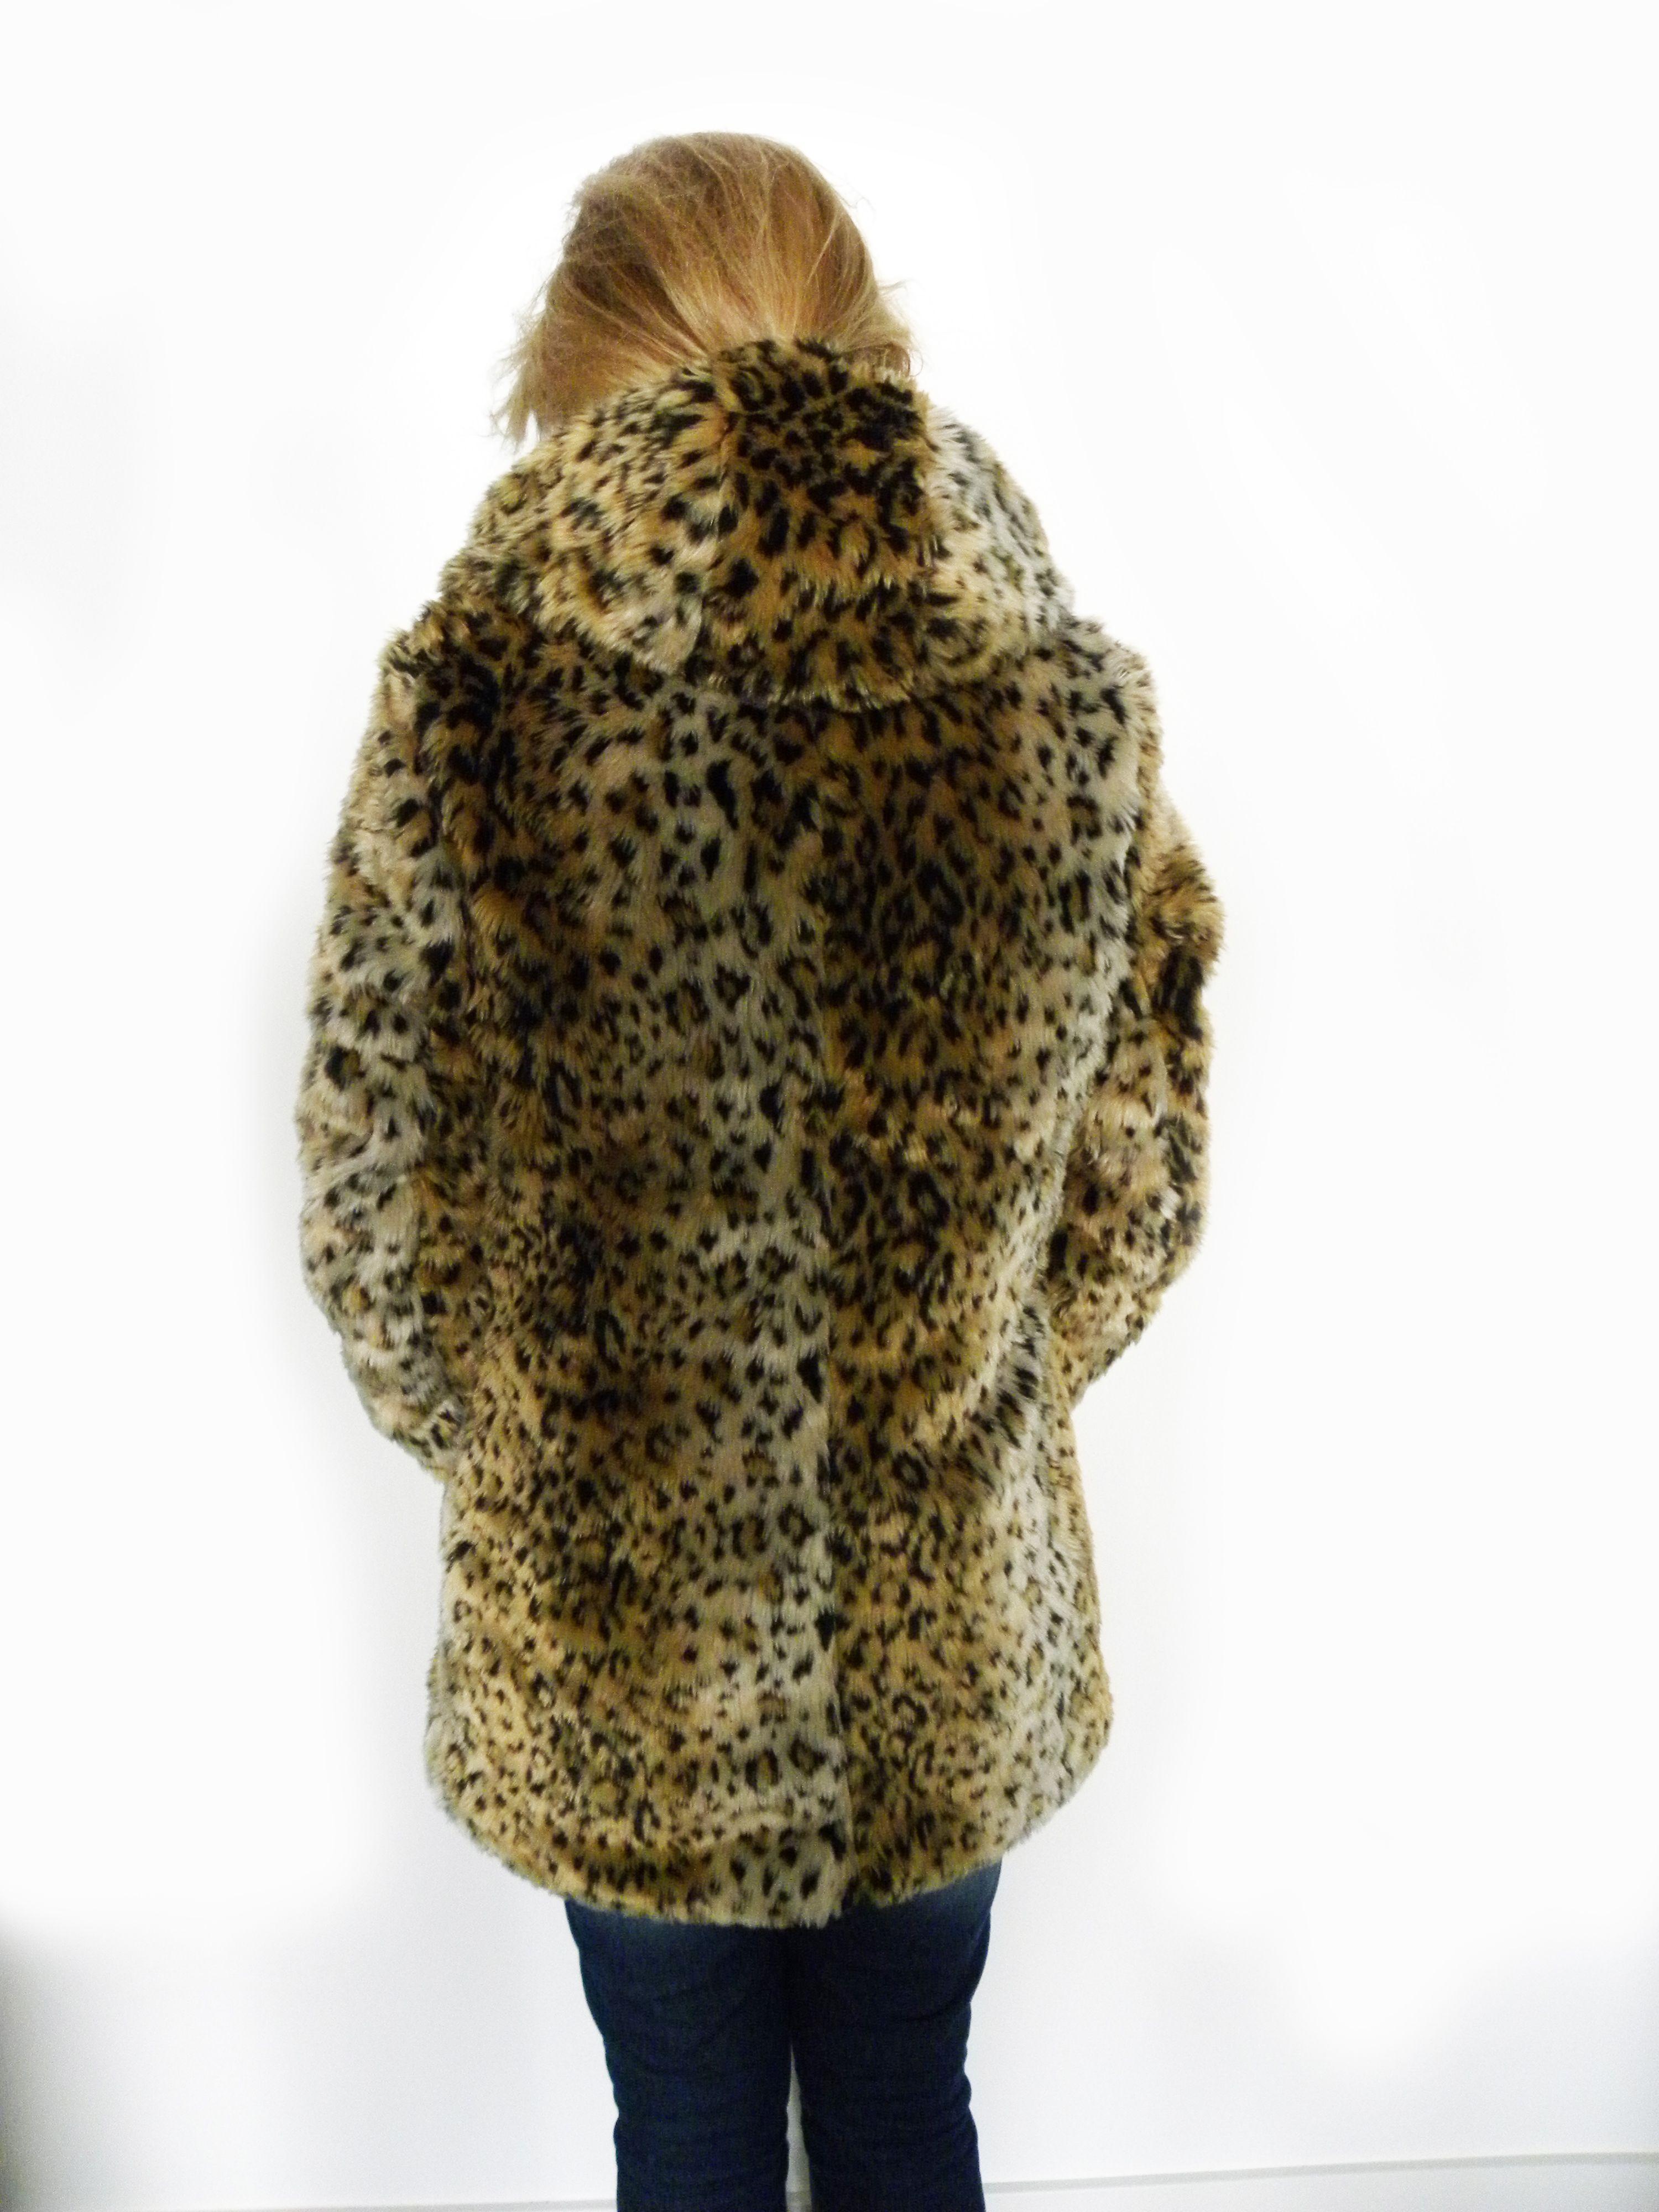 Winterjas Lang Capuchon.Nieuw Fake Fur Winterjas Met Panterprint Lang Model Met Capuchon